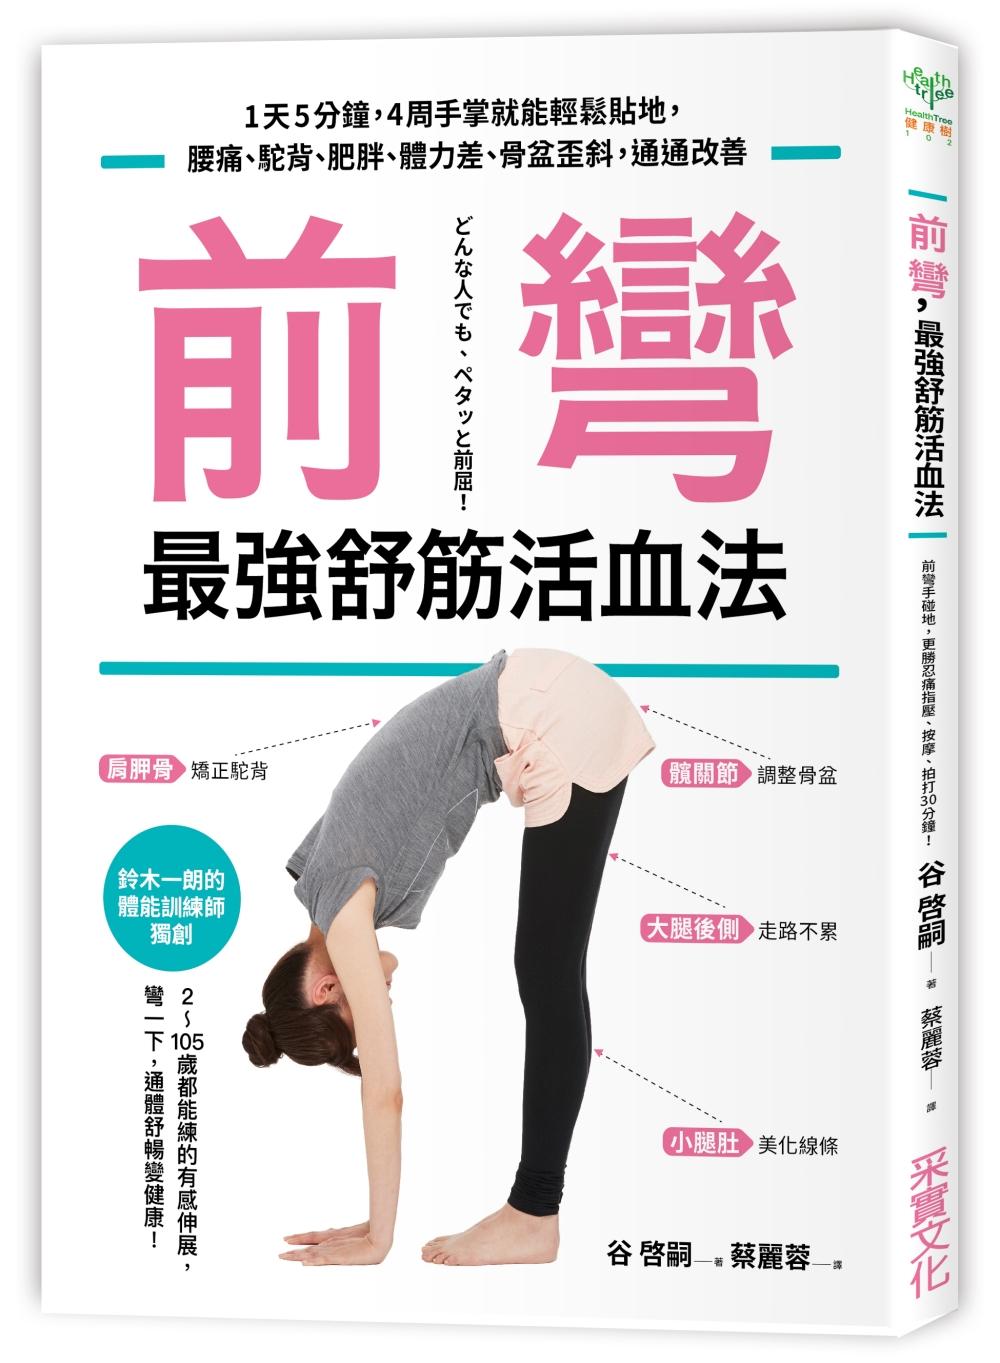 ◤博客來BOOKS◢ 暢銷書榜《推薦》前彎,最強舒筋活血法:1天5分鐘,4周手掌就能輕鬆貼地,腰痛、駝背、肥胖、體力差、骨盆歪斜,通通改善